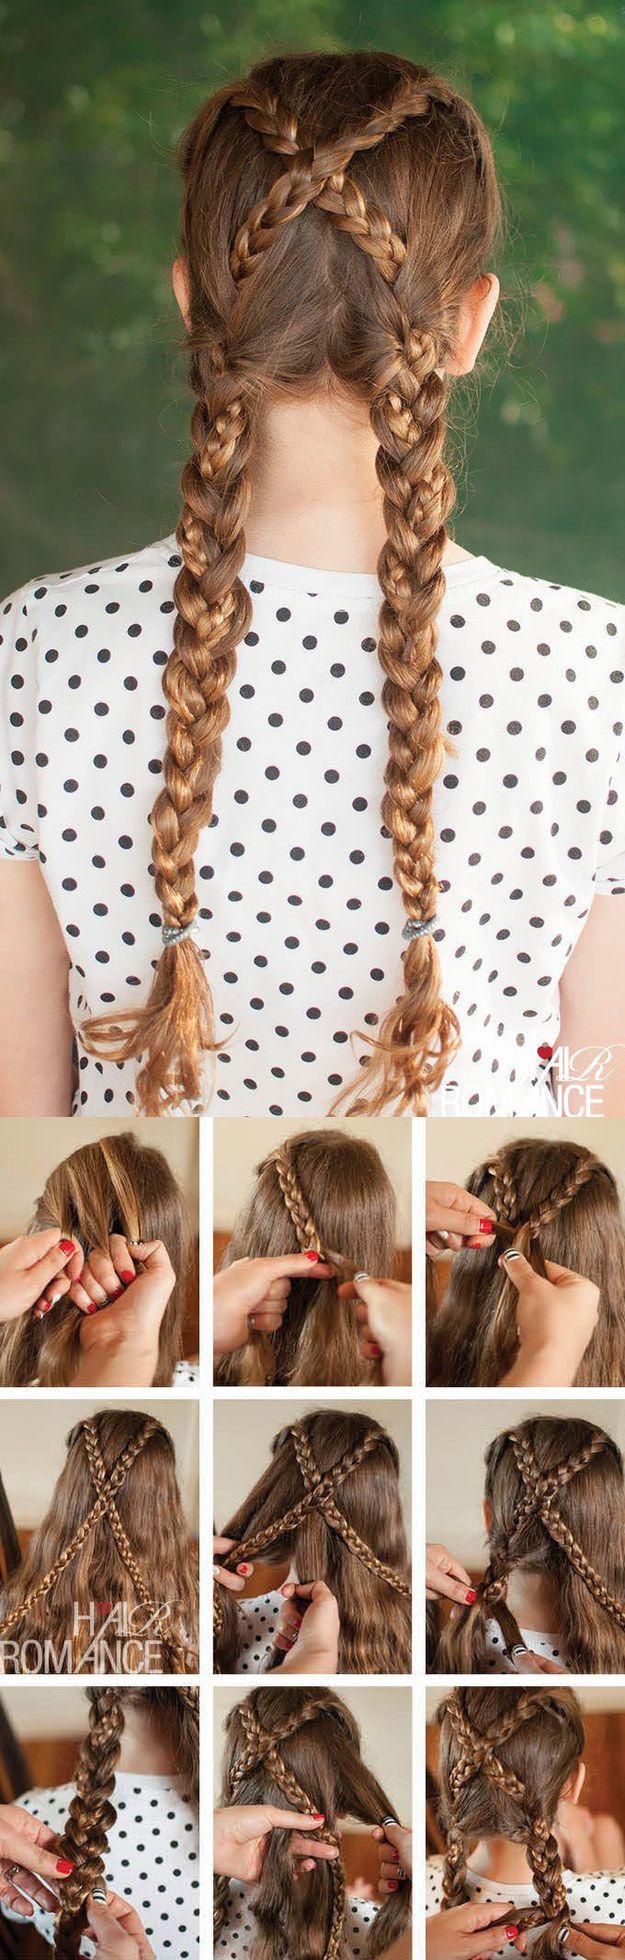 Tutoriales para peinados de las princesas de Disney